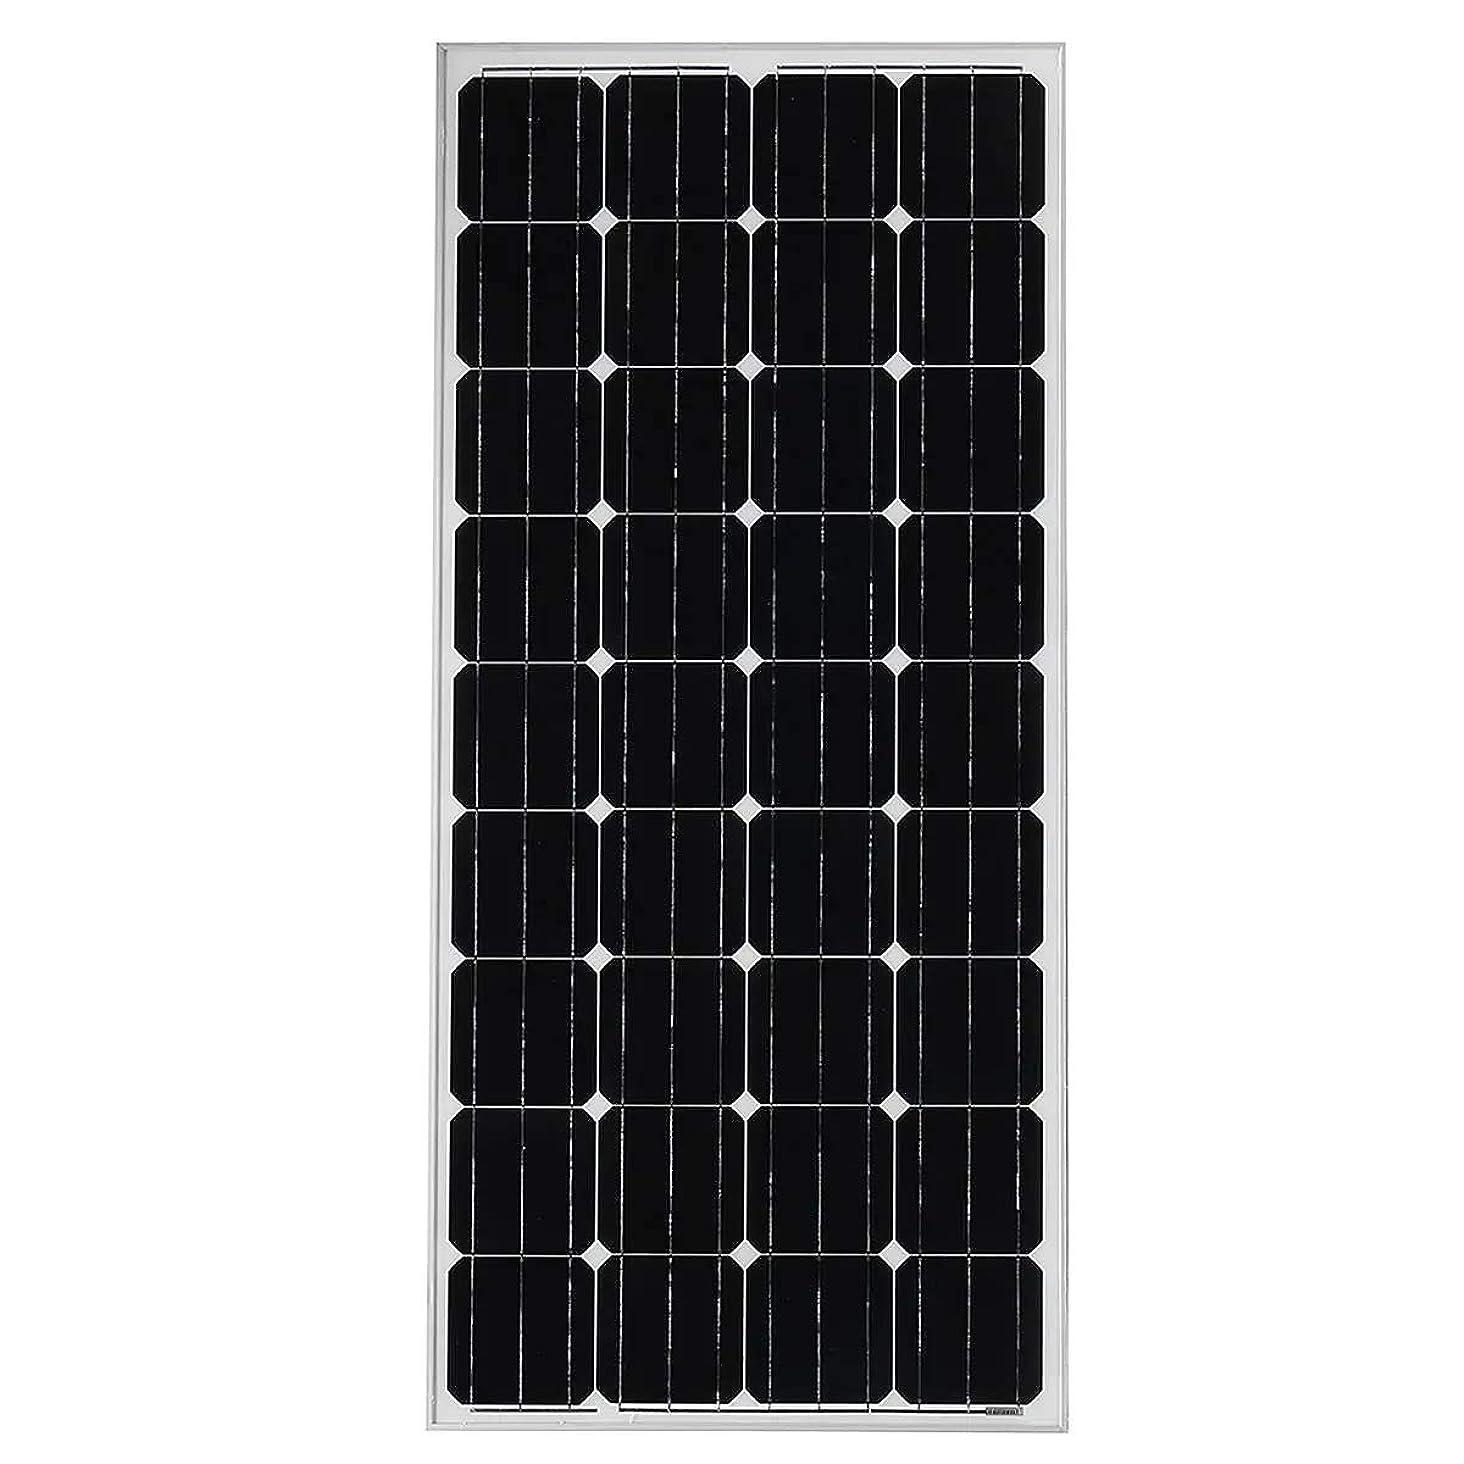 適合しました中断匿名ソーラーパネル 200W 11A 18V単結晶ソーラーパネル柔軟な折りたたみプレート (Color : Silver, Size : 480x680x35mm)